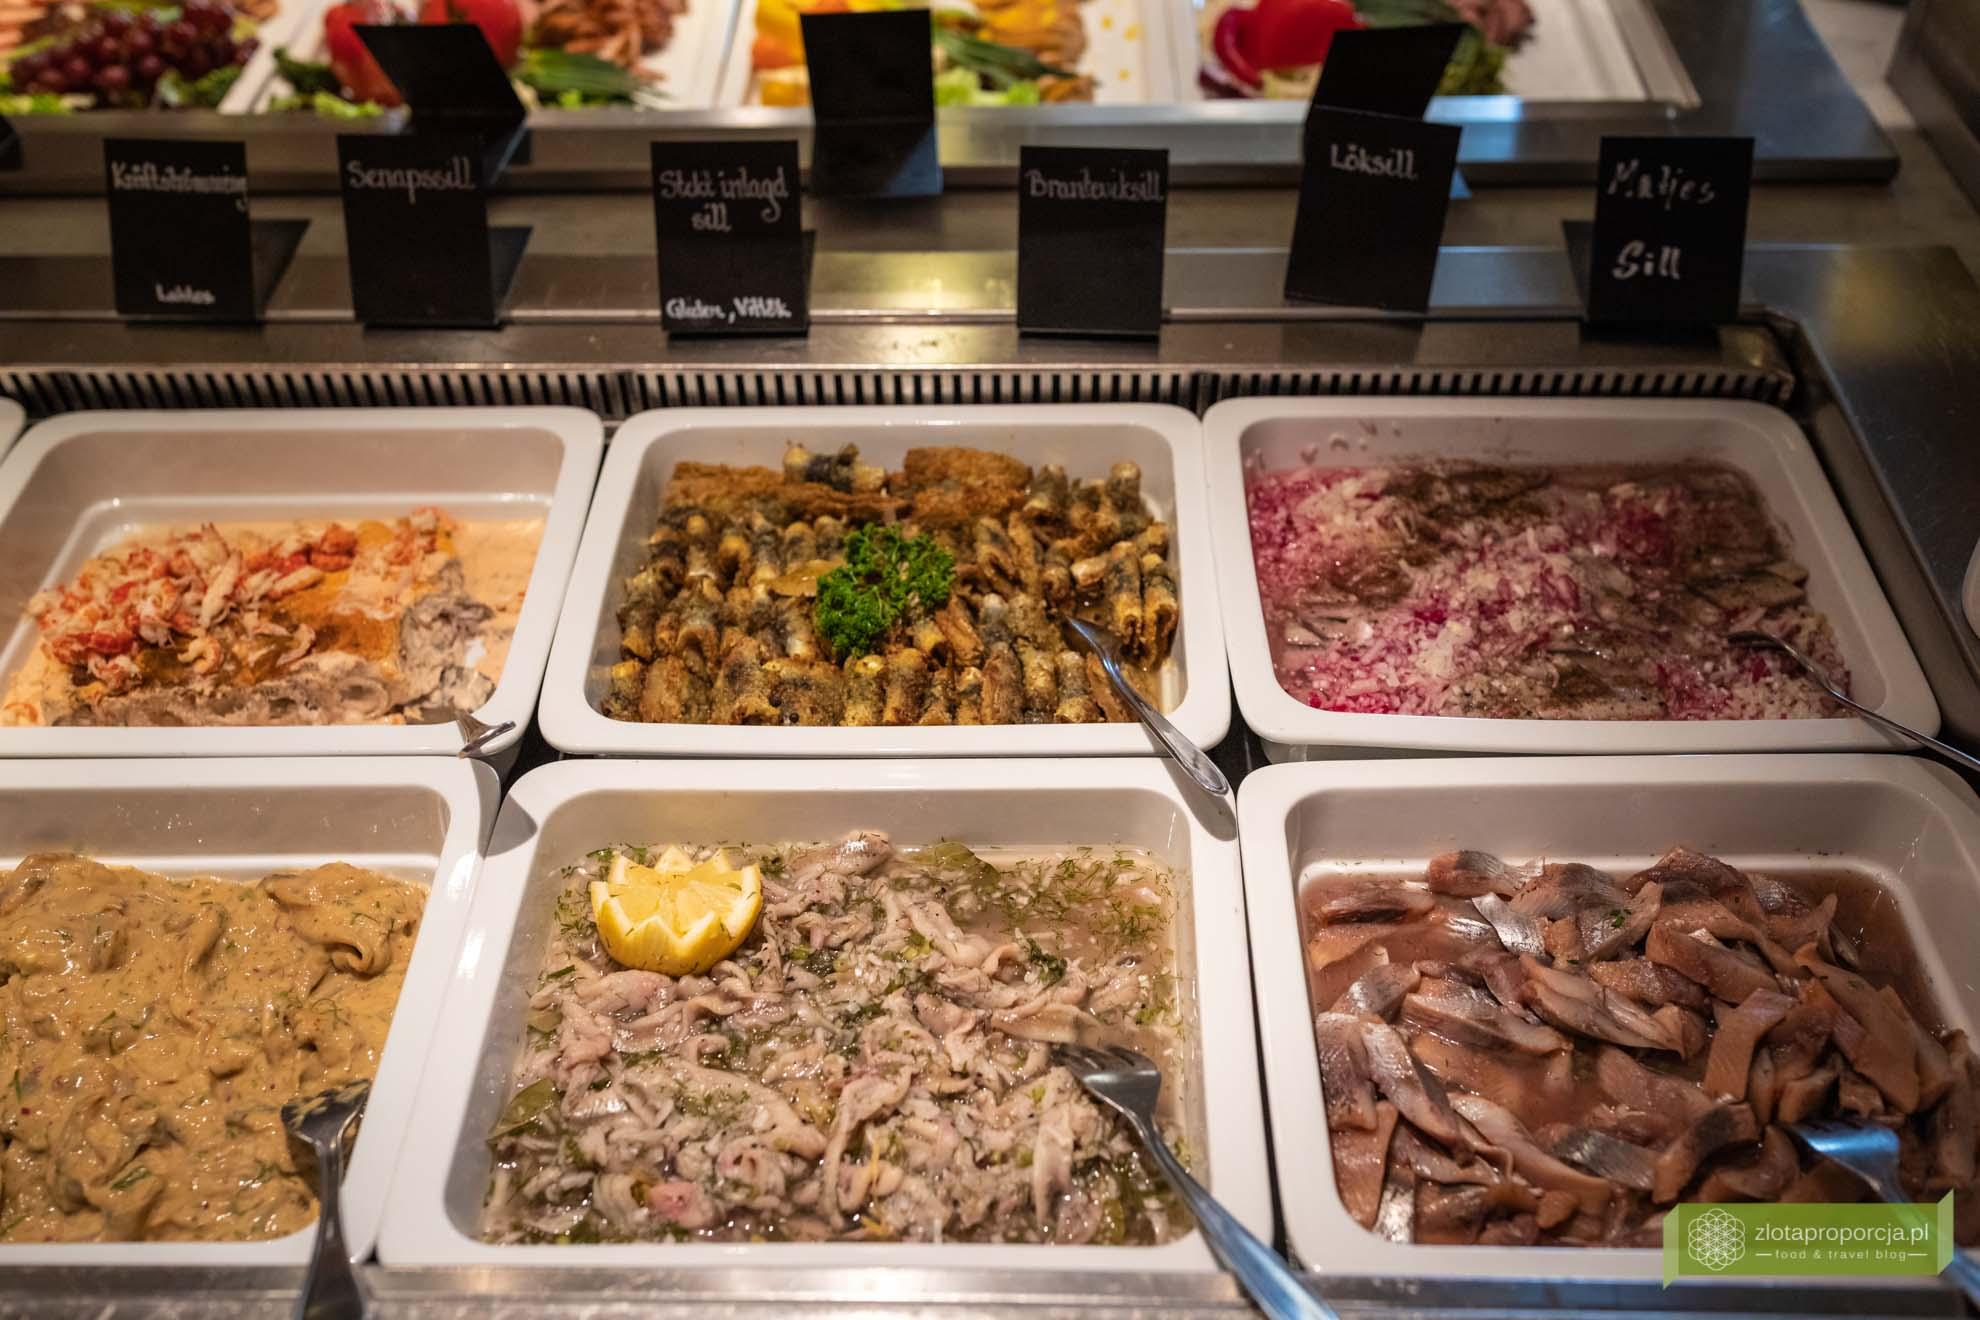 Skania, kuchnia Skanii; co zjeść w Skanii; kuchnia szwedzka; szwedzkie potrawy; szwedzki stół.; śledzie;